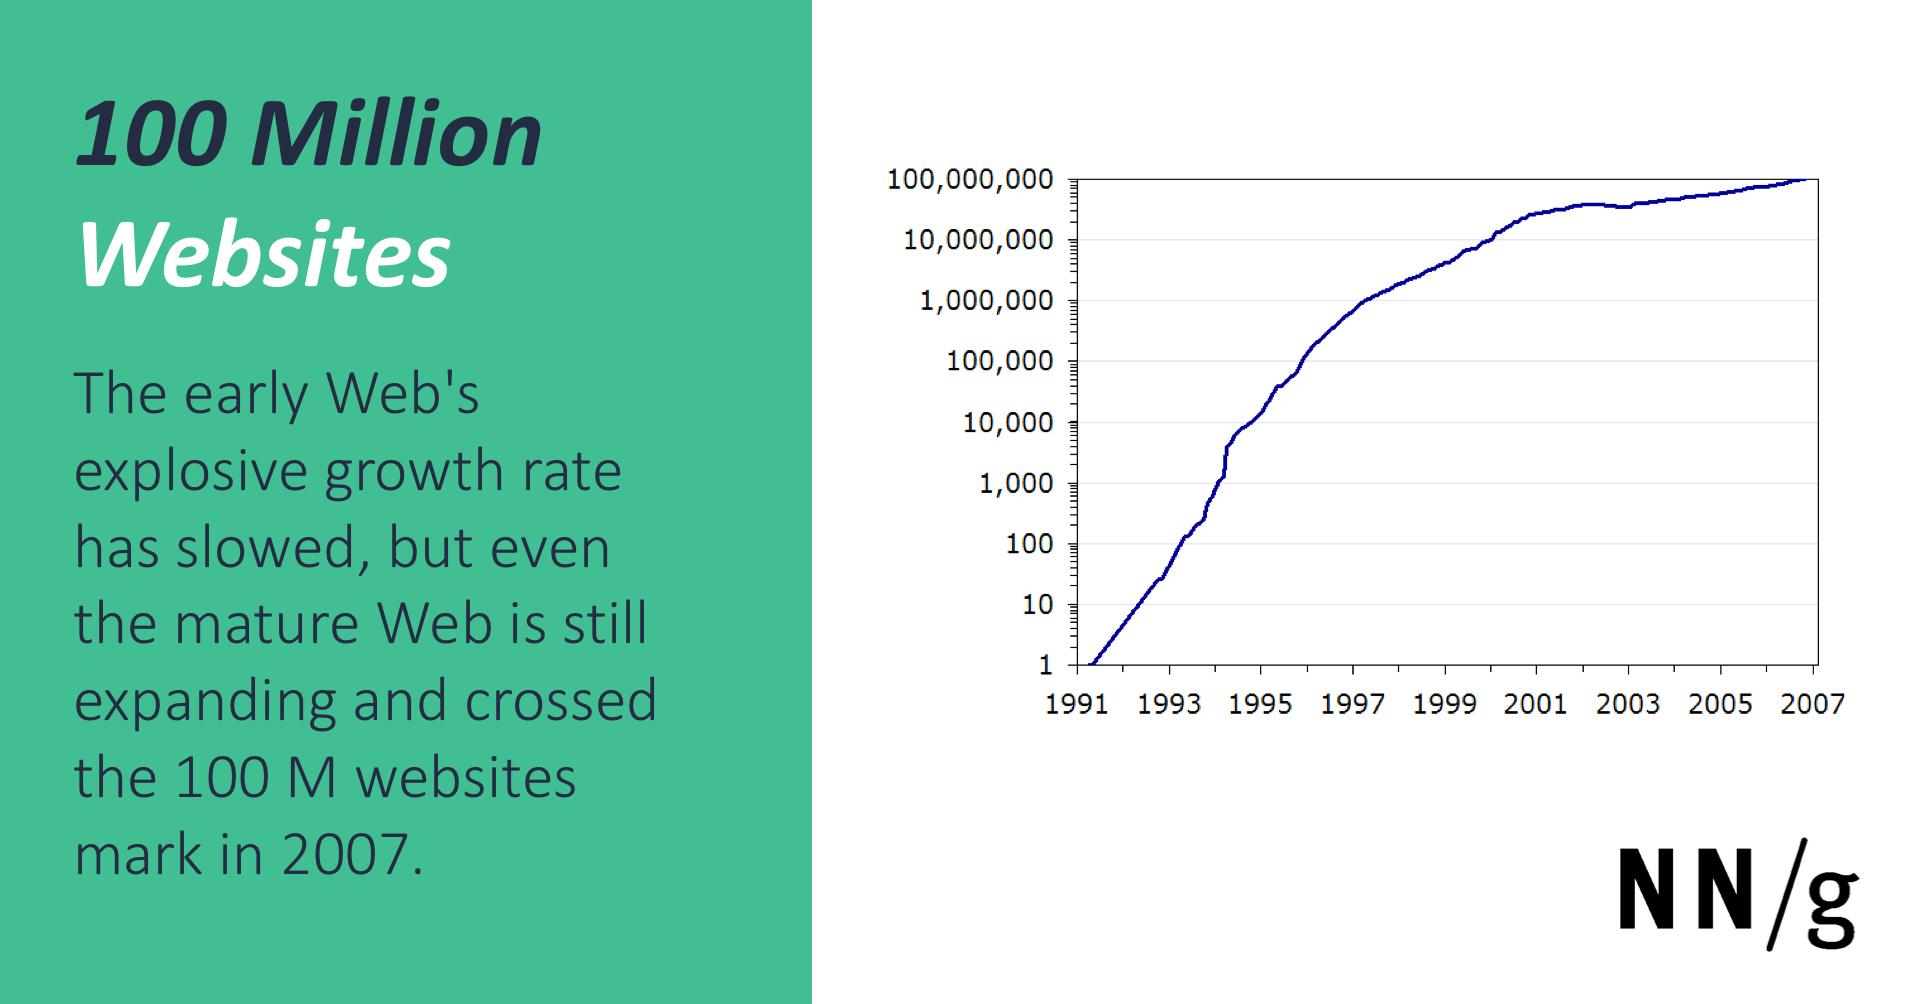 100 million websites